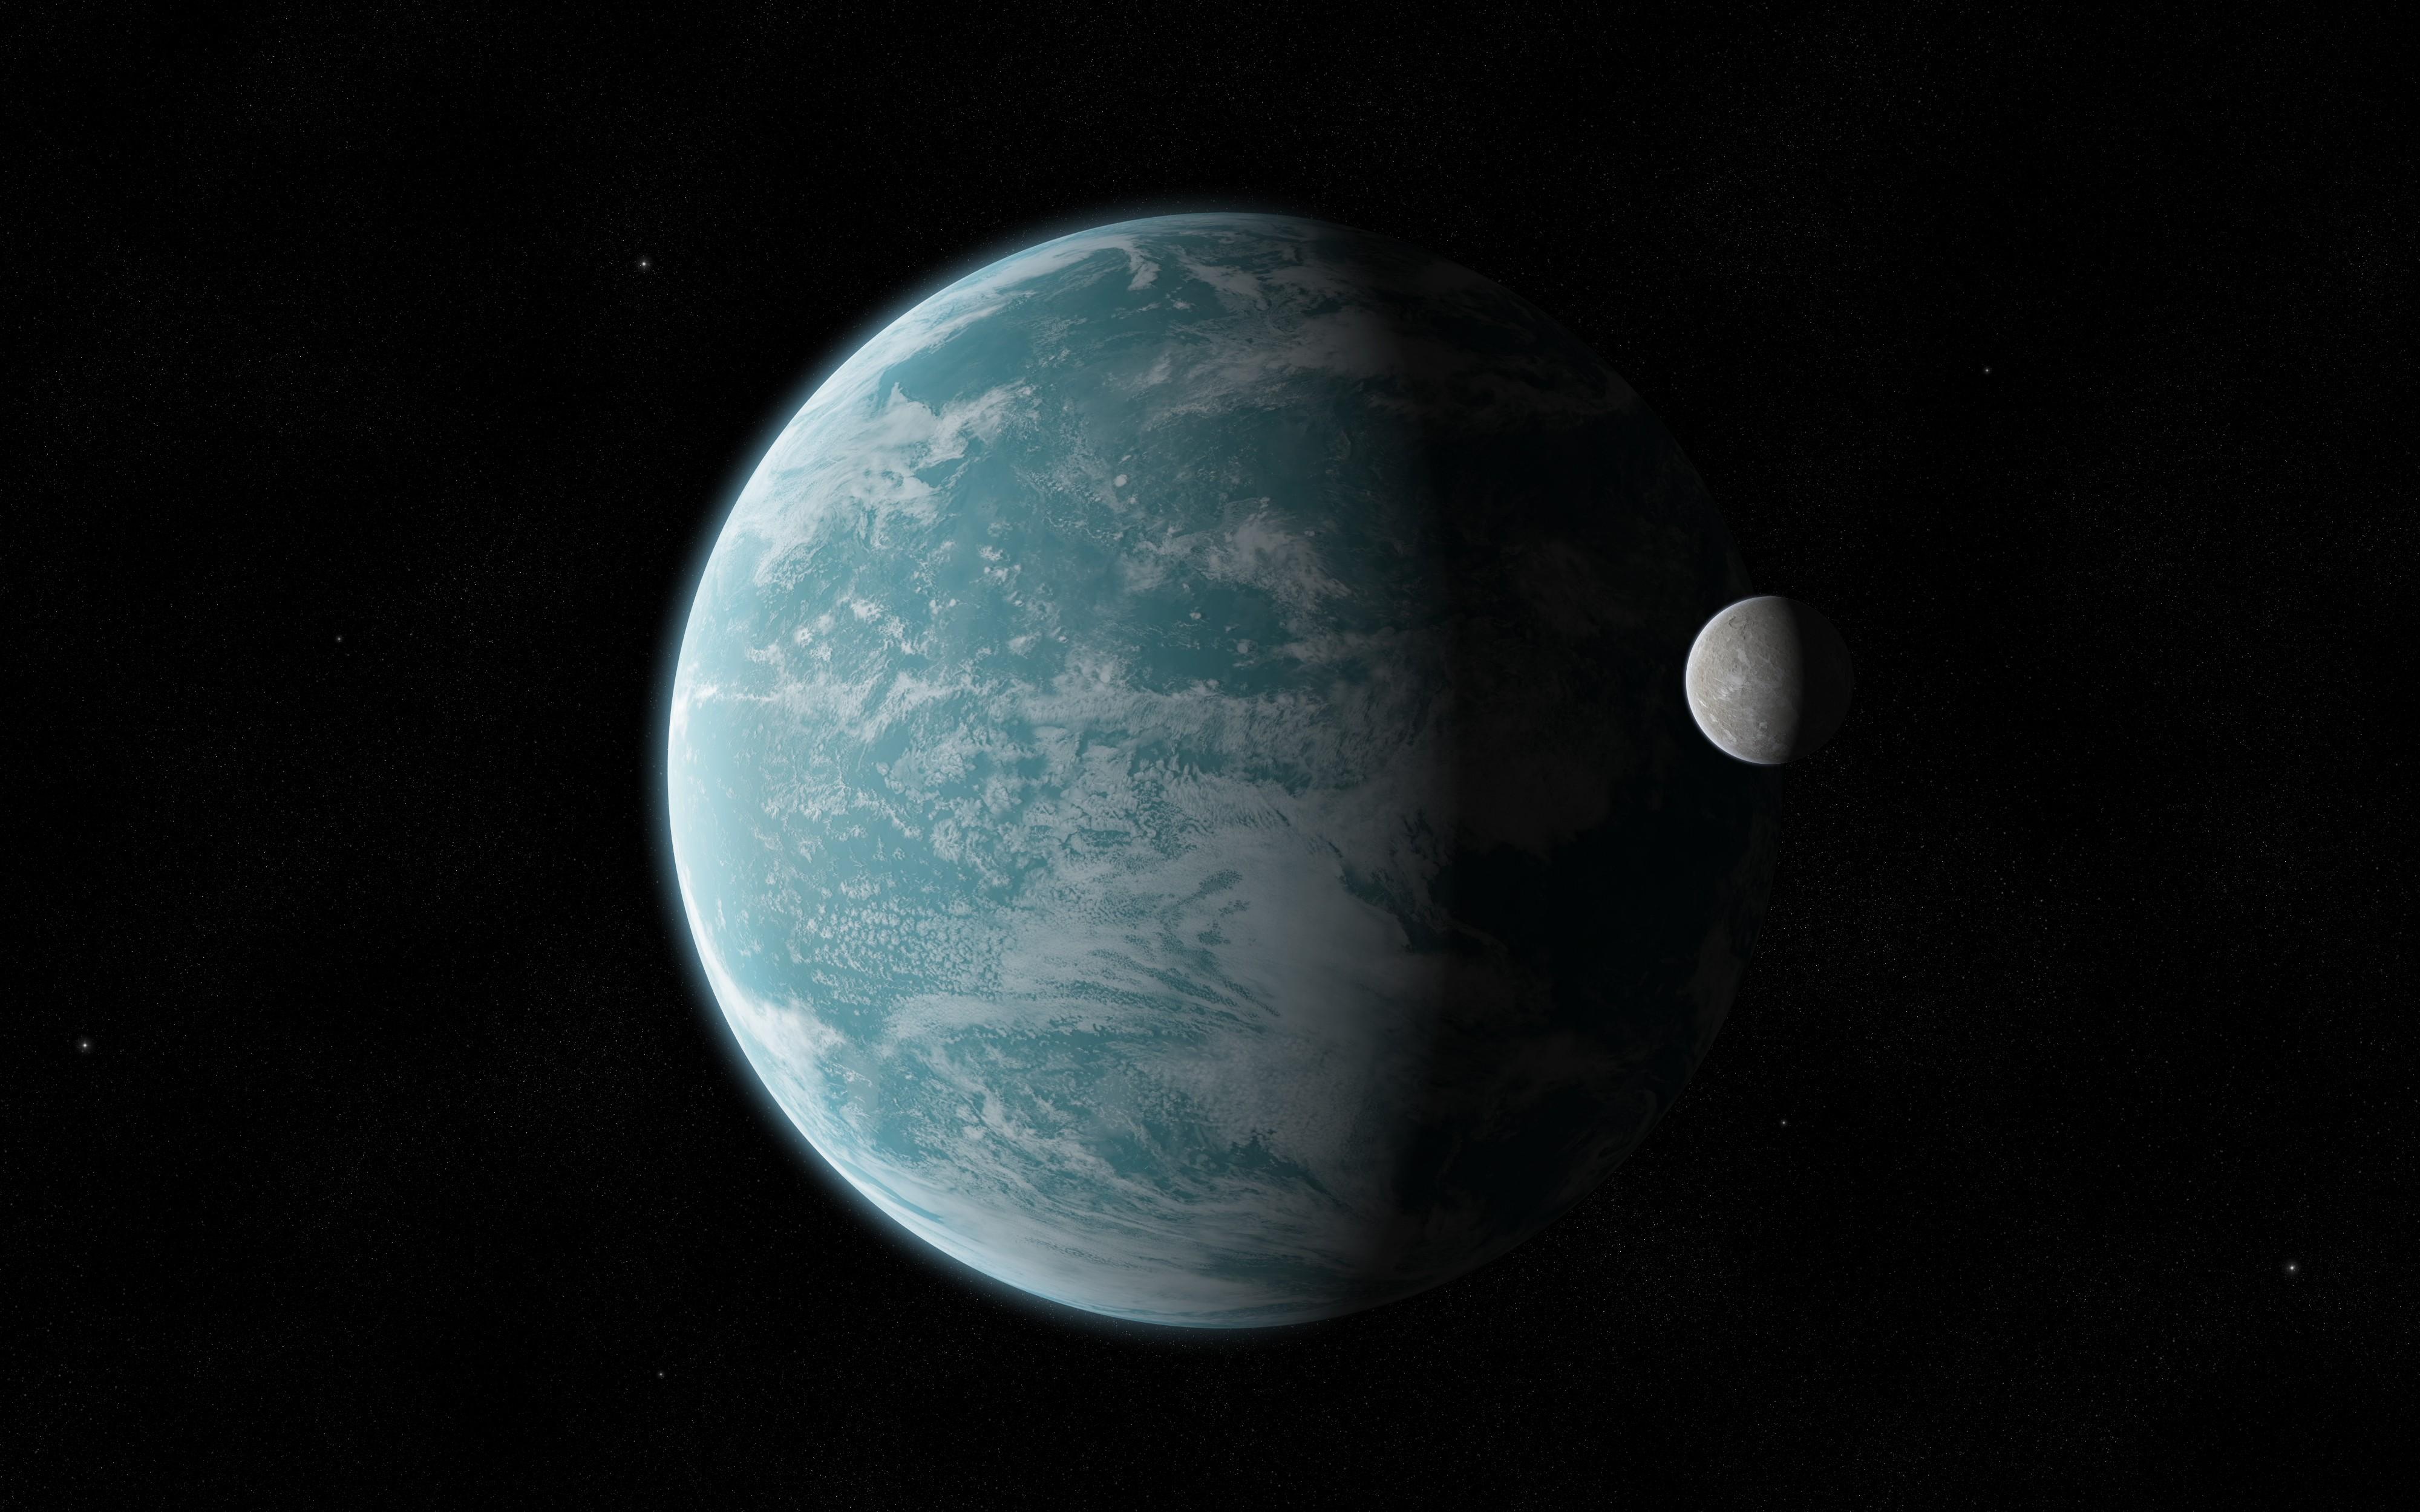 La Tierra y su luna - 4000x2500